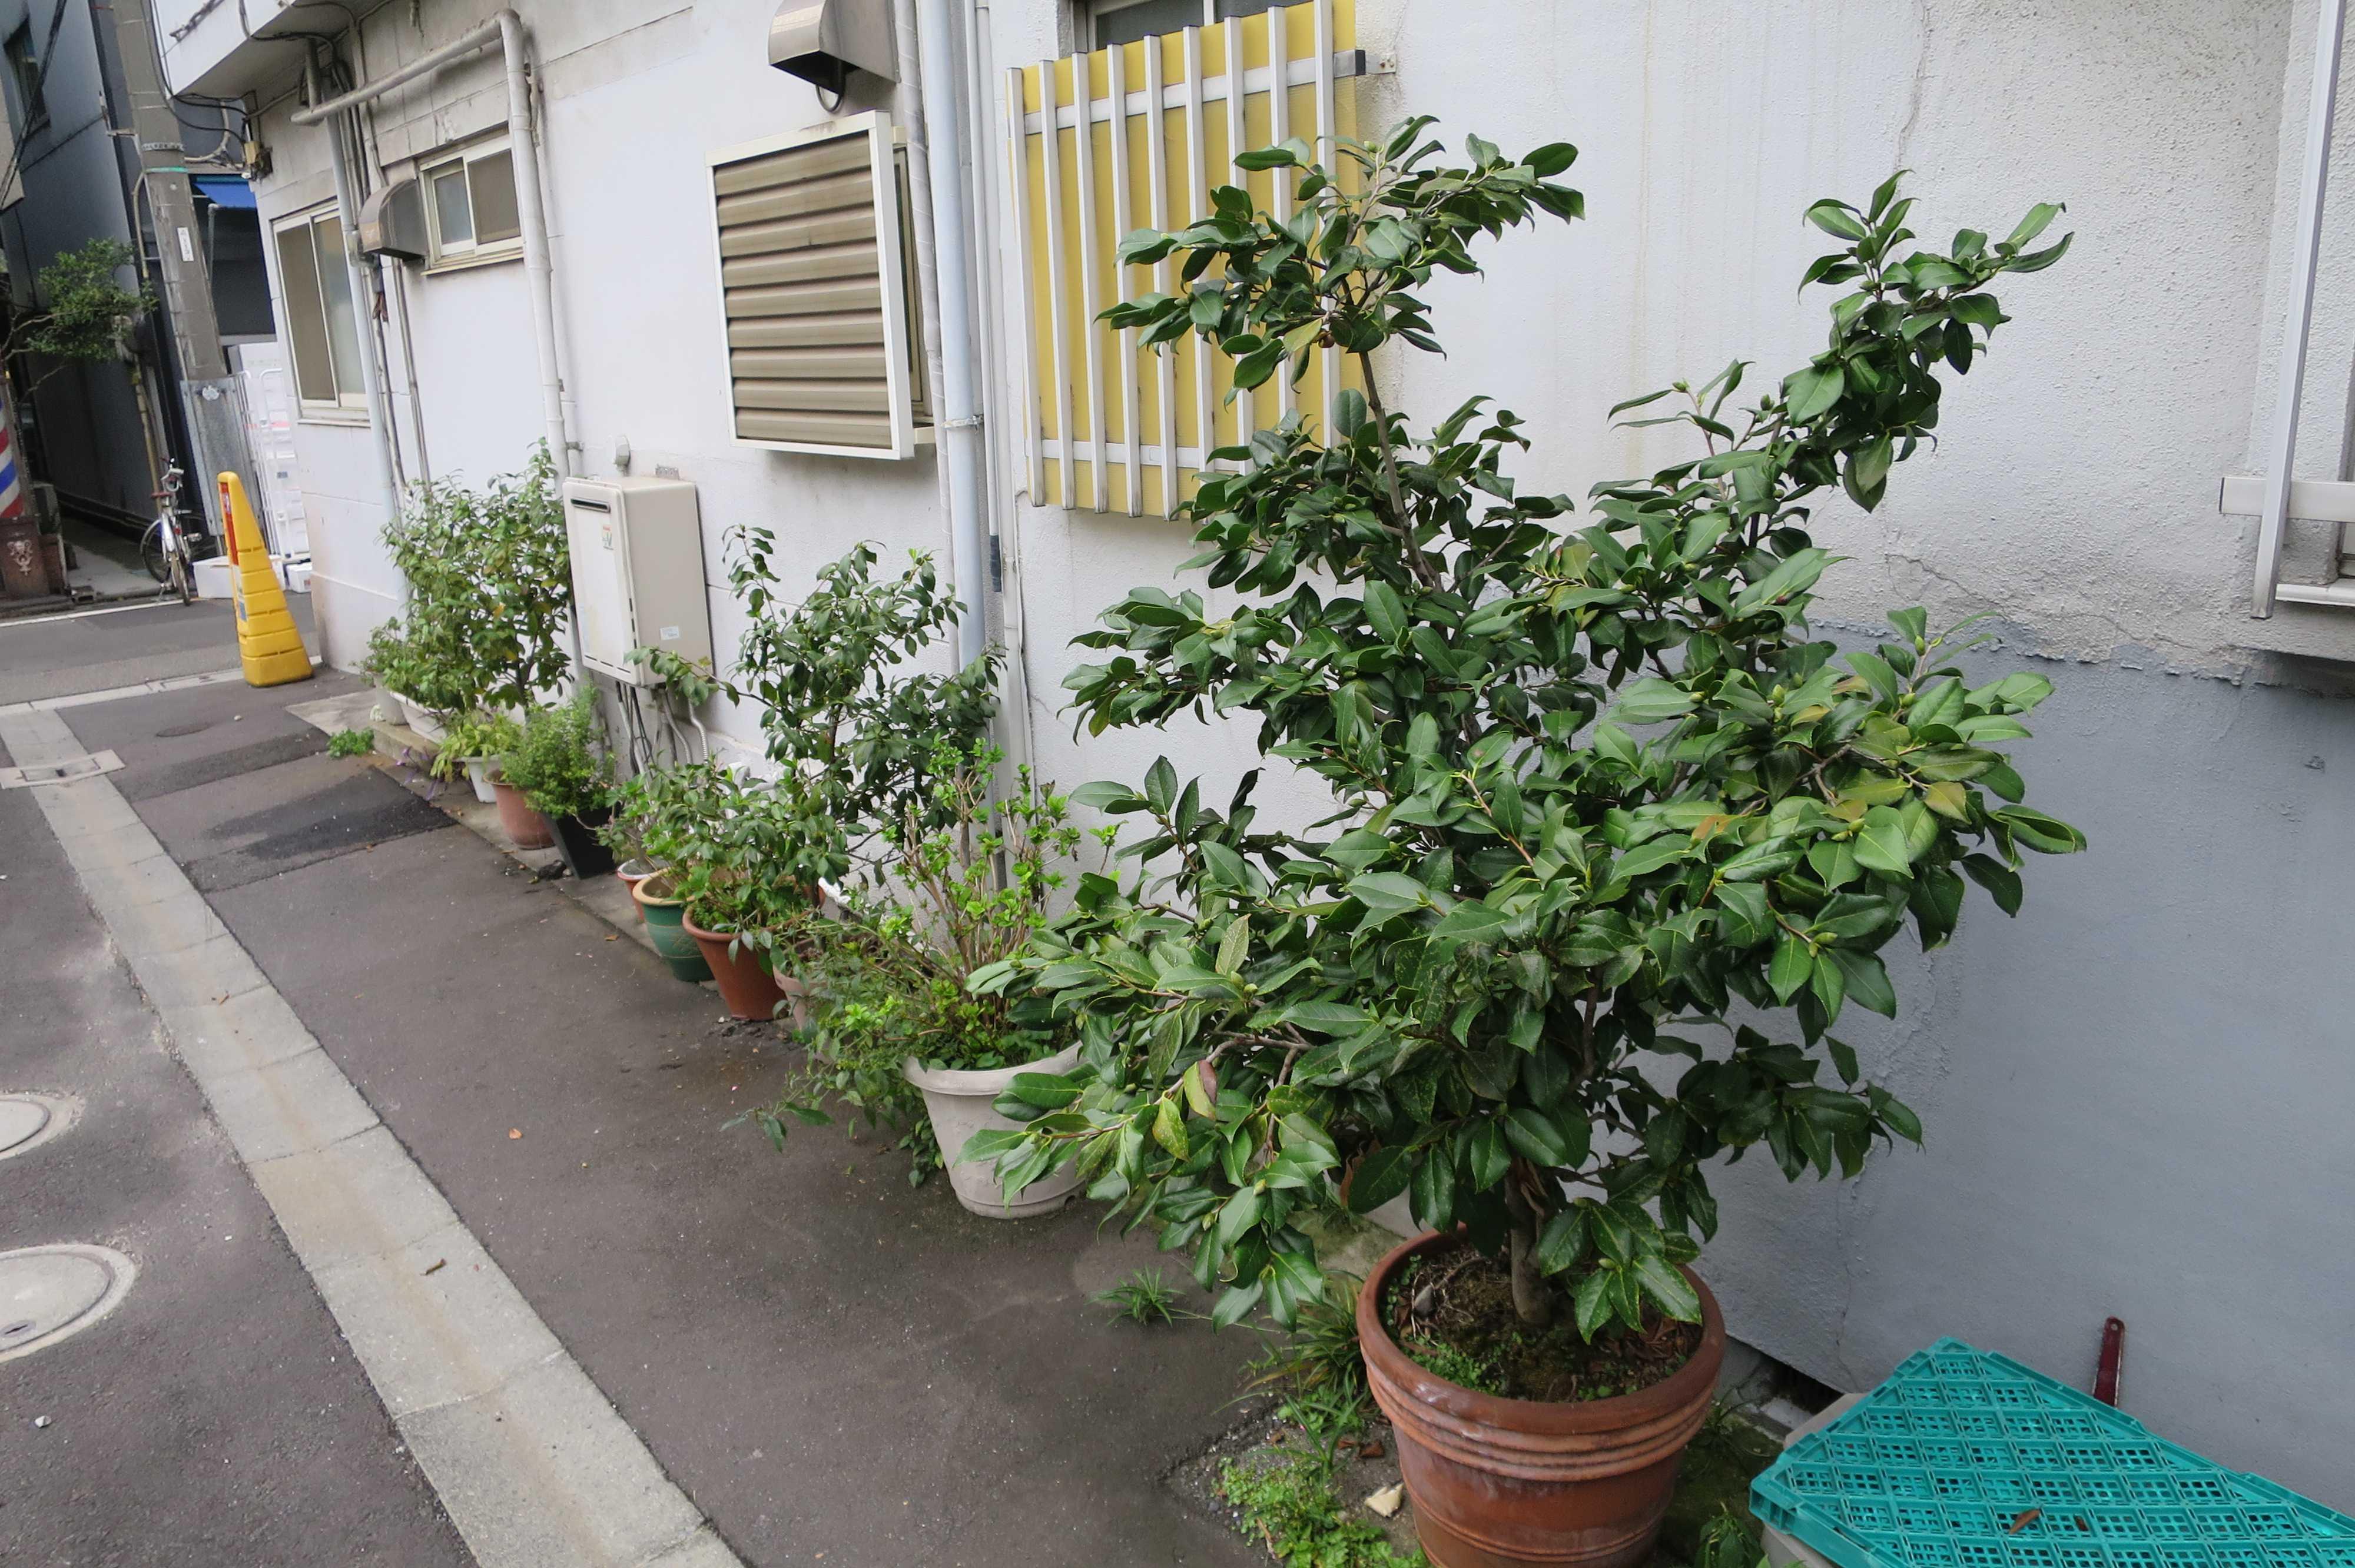 築地エリア - 植木鉢並ぶ築地の路地